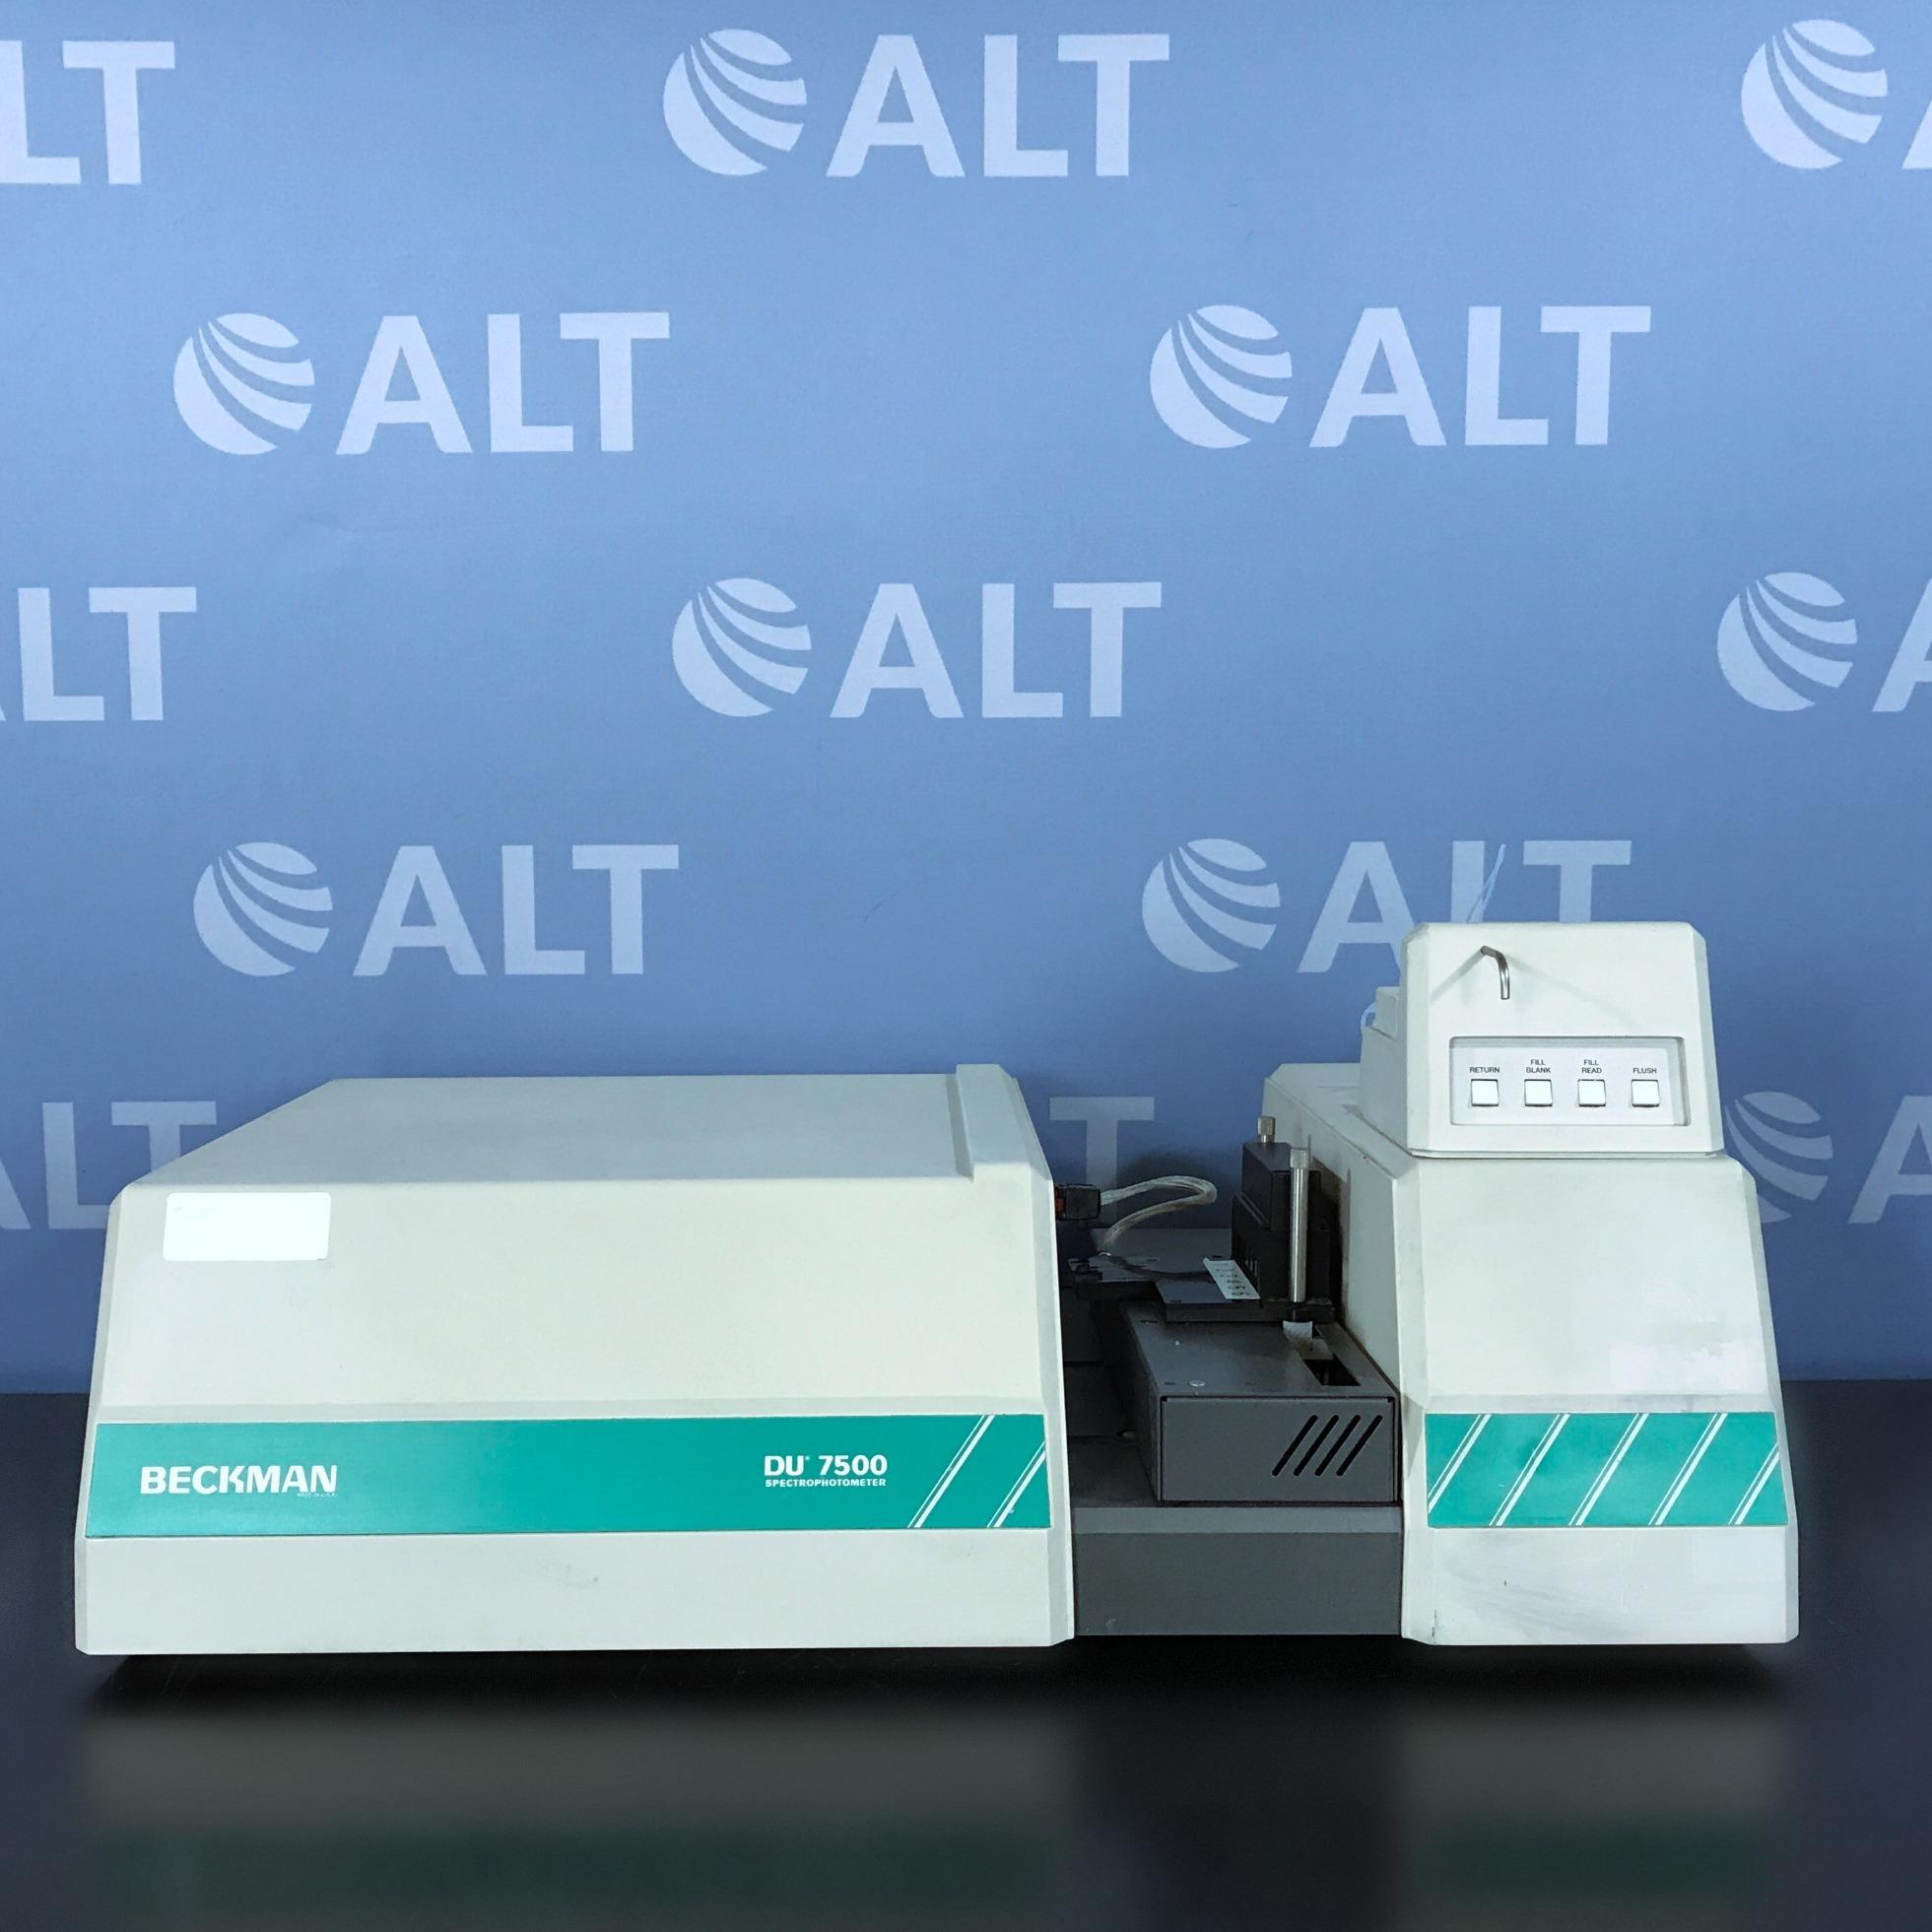 DU-7500 Spectrophotometer Name